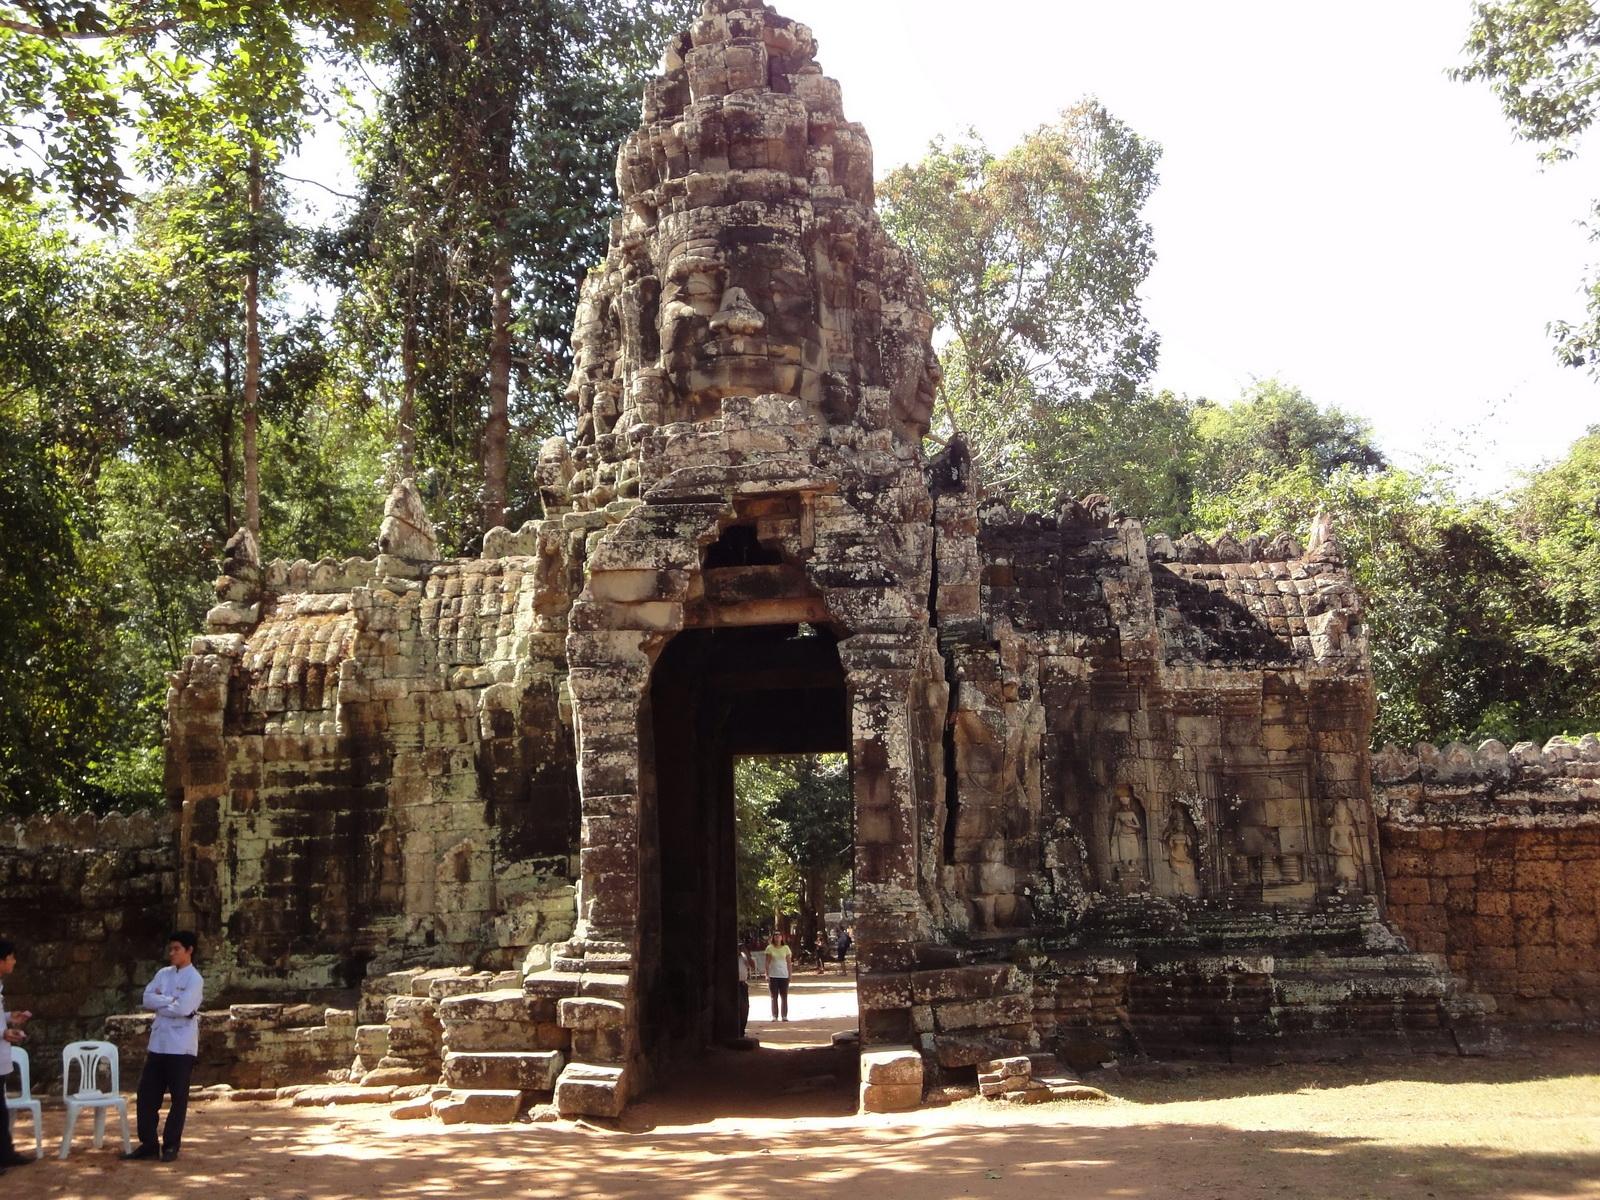 A Banteay Kdei Temple Gopura IV E Bayon style 4 faces 03